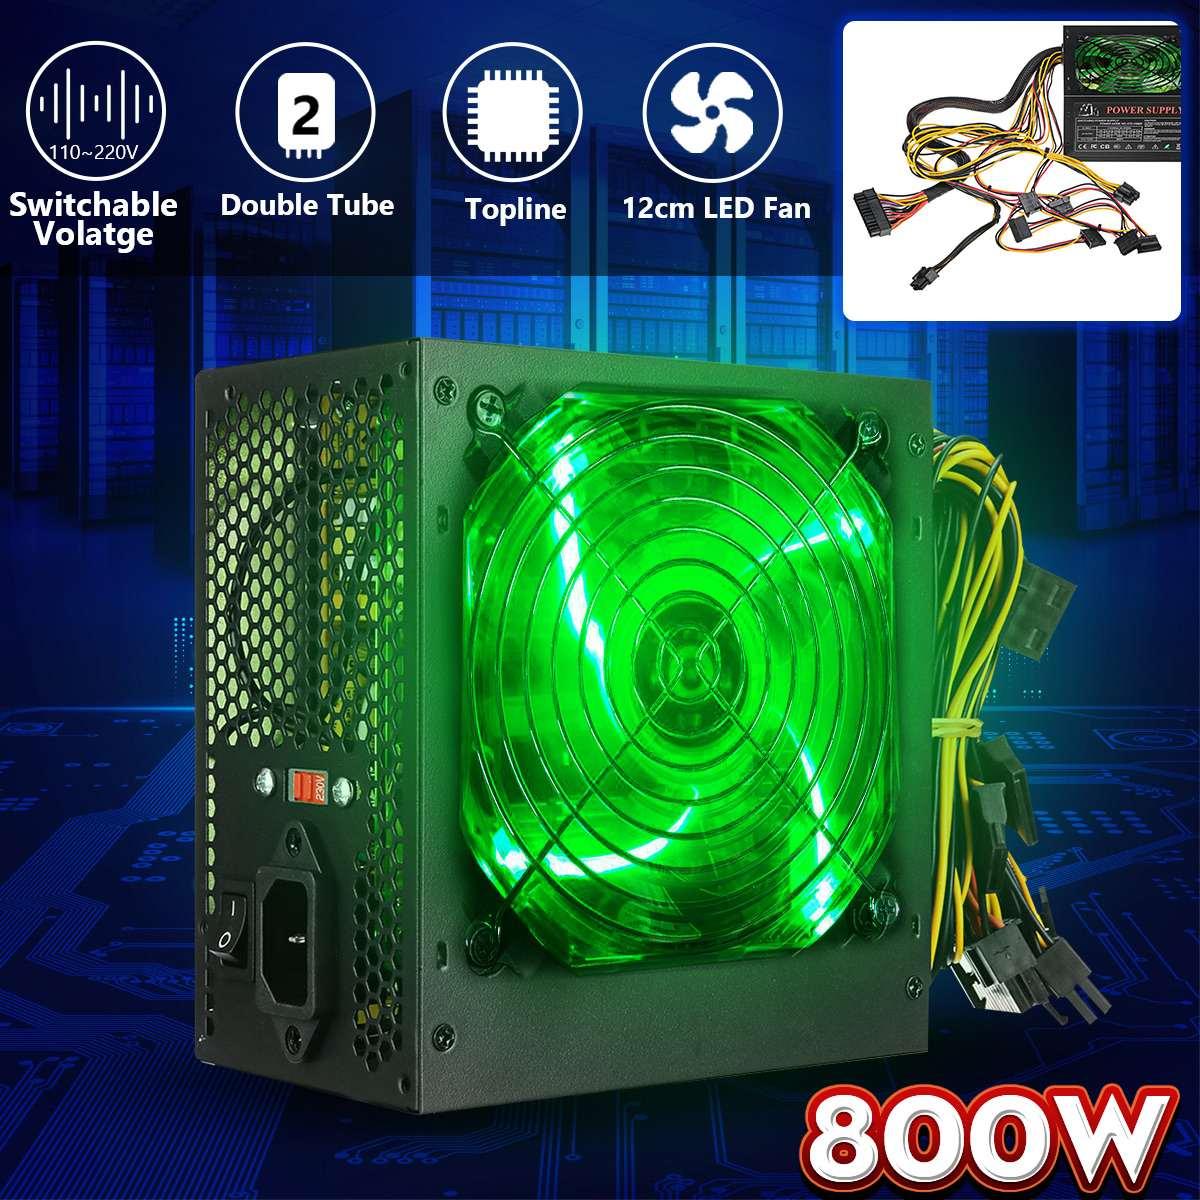 800W 110 ~ 220V Alimentation PC 12cm LED Ventilateur silencieux avec contrôle de température Intelligent Intel AMD ATX 12V pour ordinateur de bureau